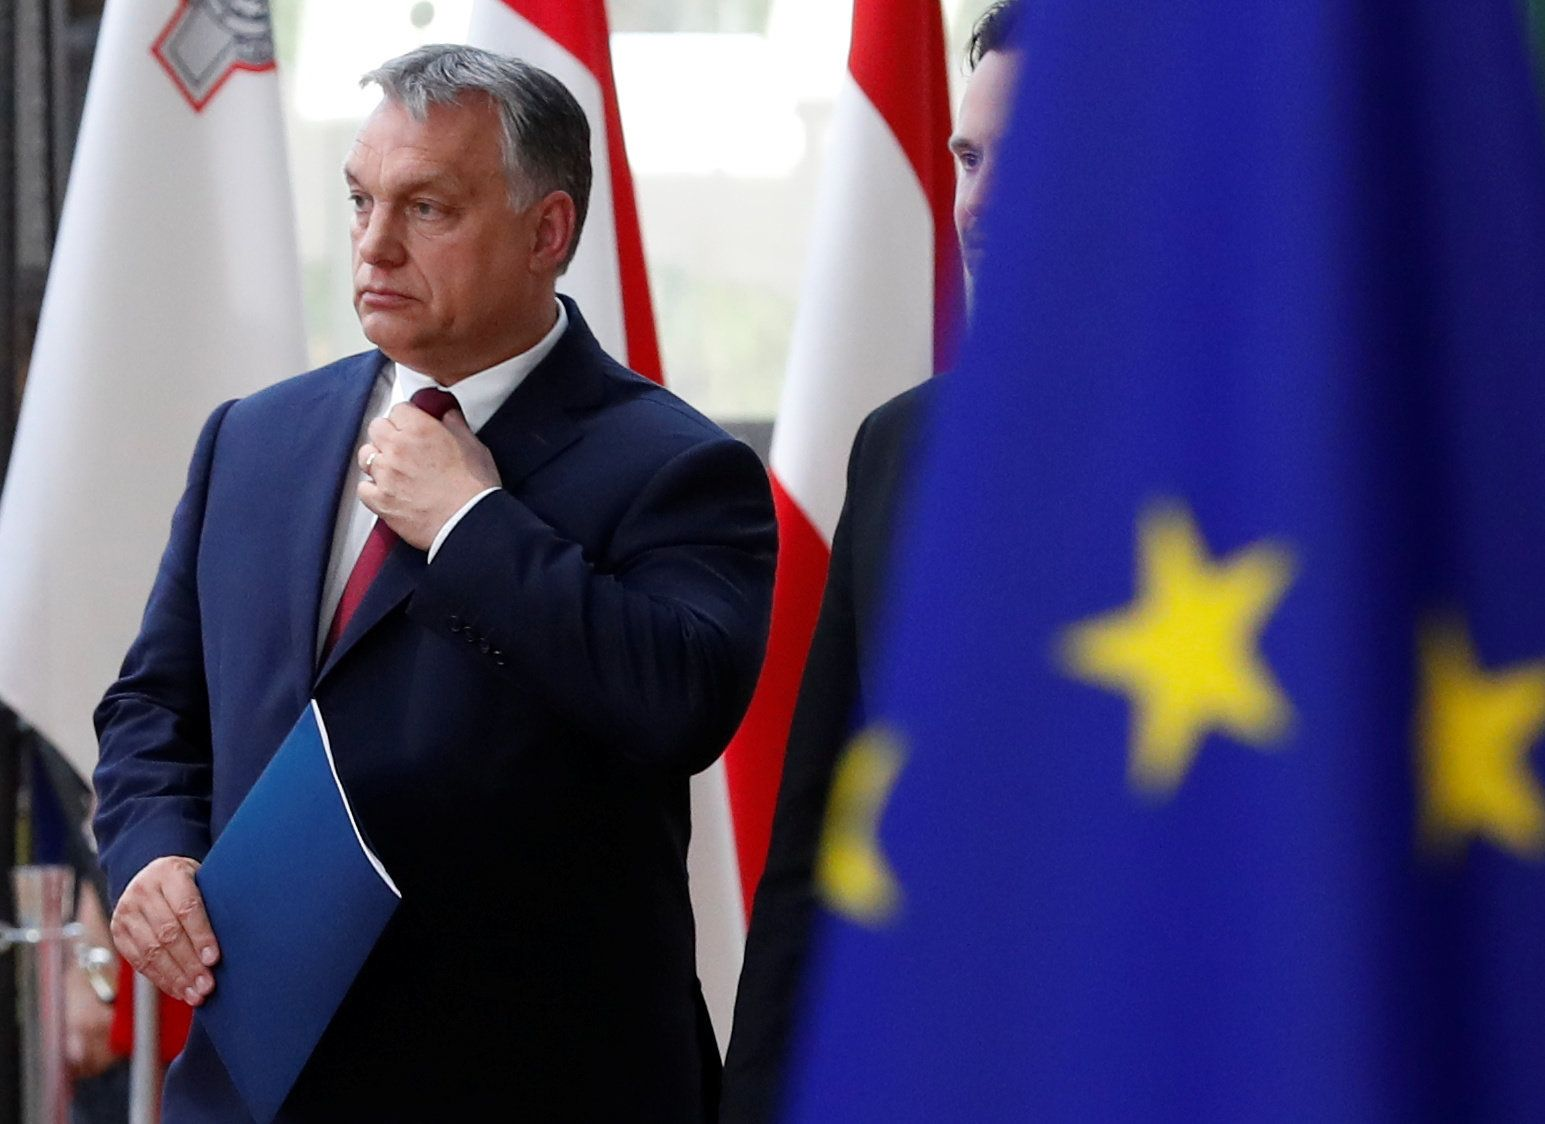 Cómo la extrema derecha de Hungría alimentó la crisis actual en